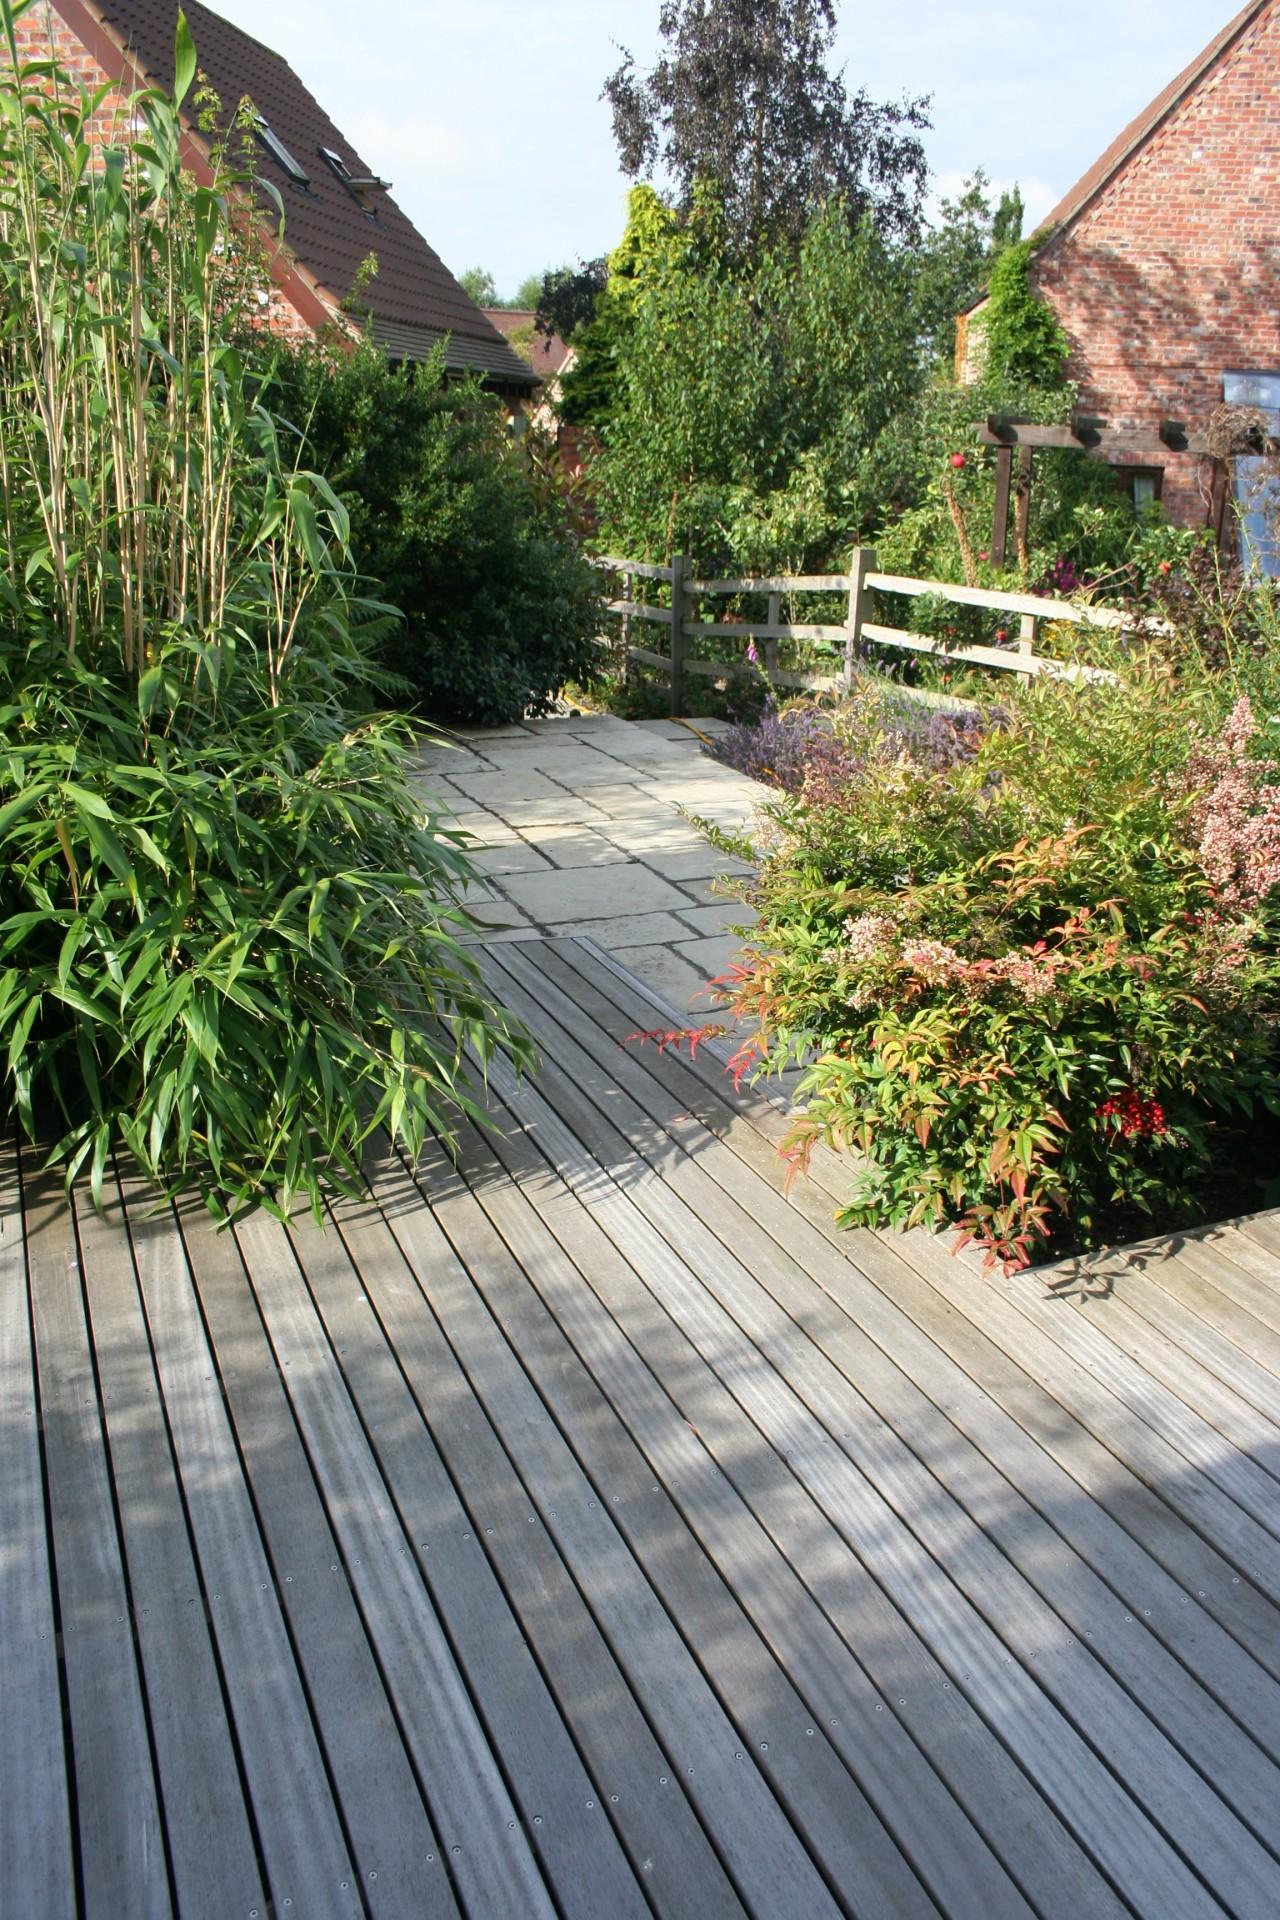 Garden design ideas paving | Hawk Haven